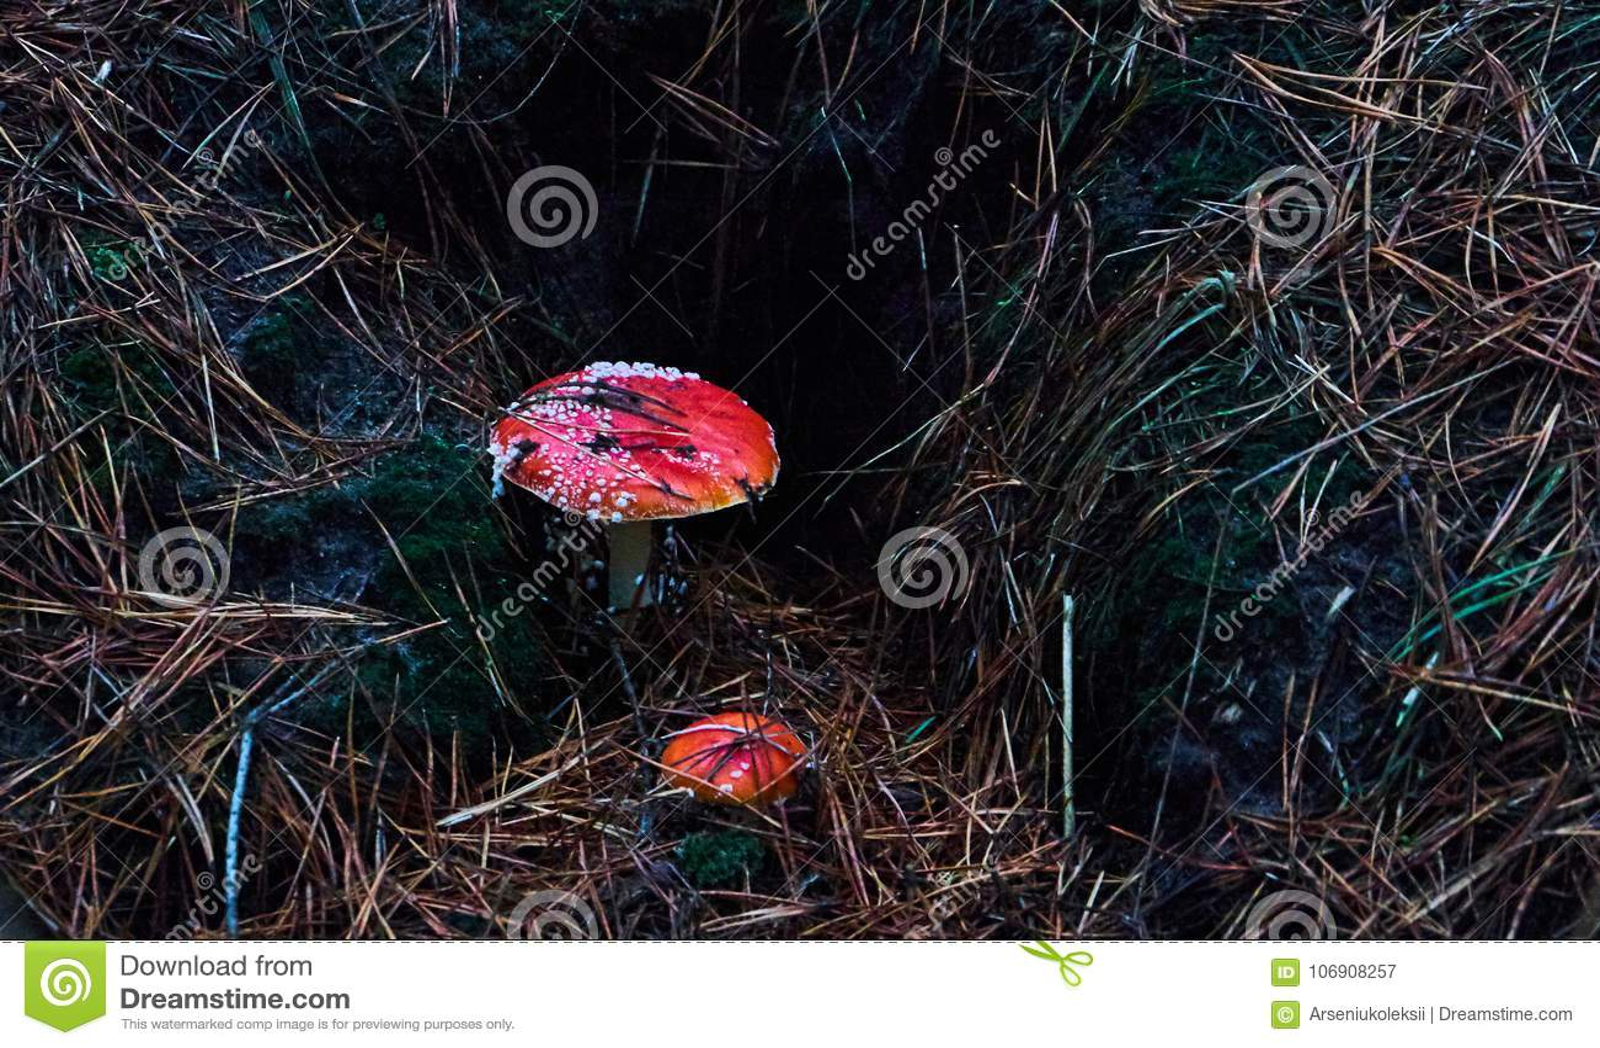 Dwa halucynogennej czerwonej komarnicy pieczarki